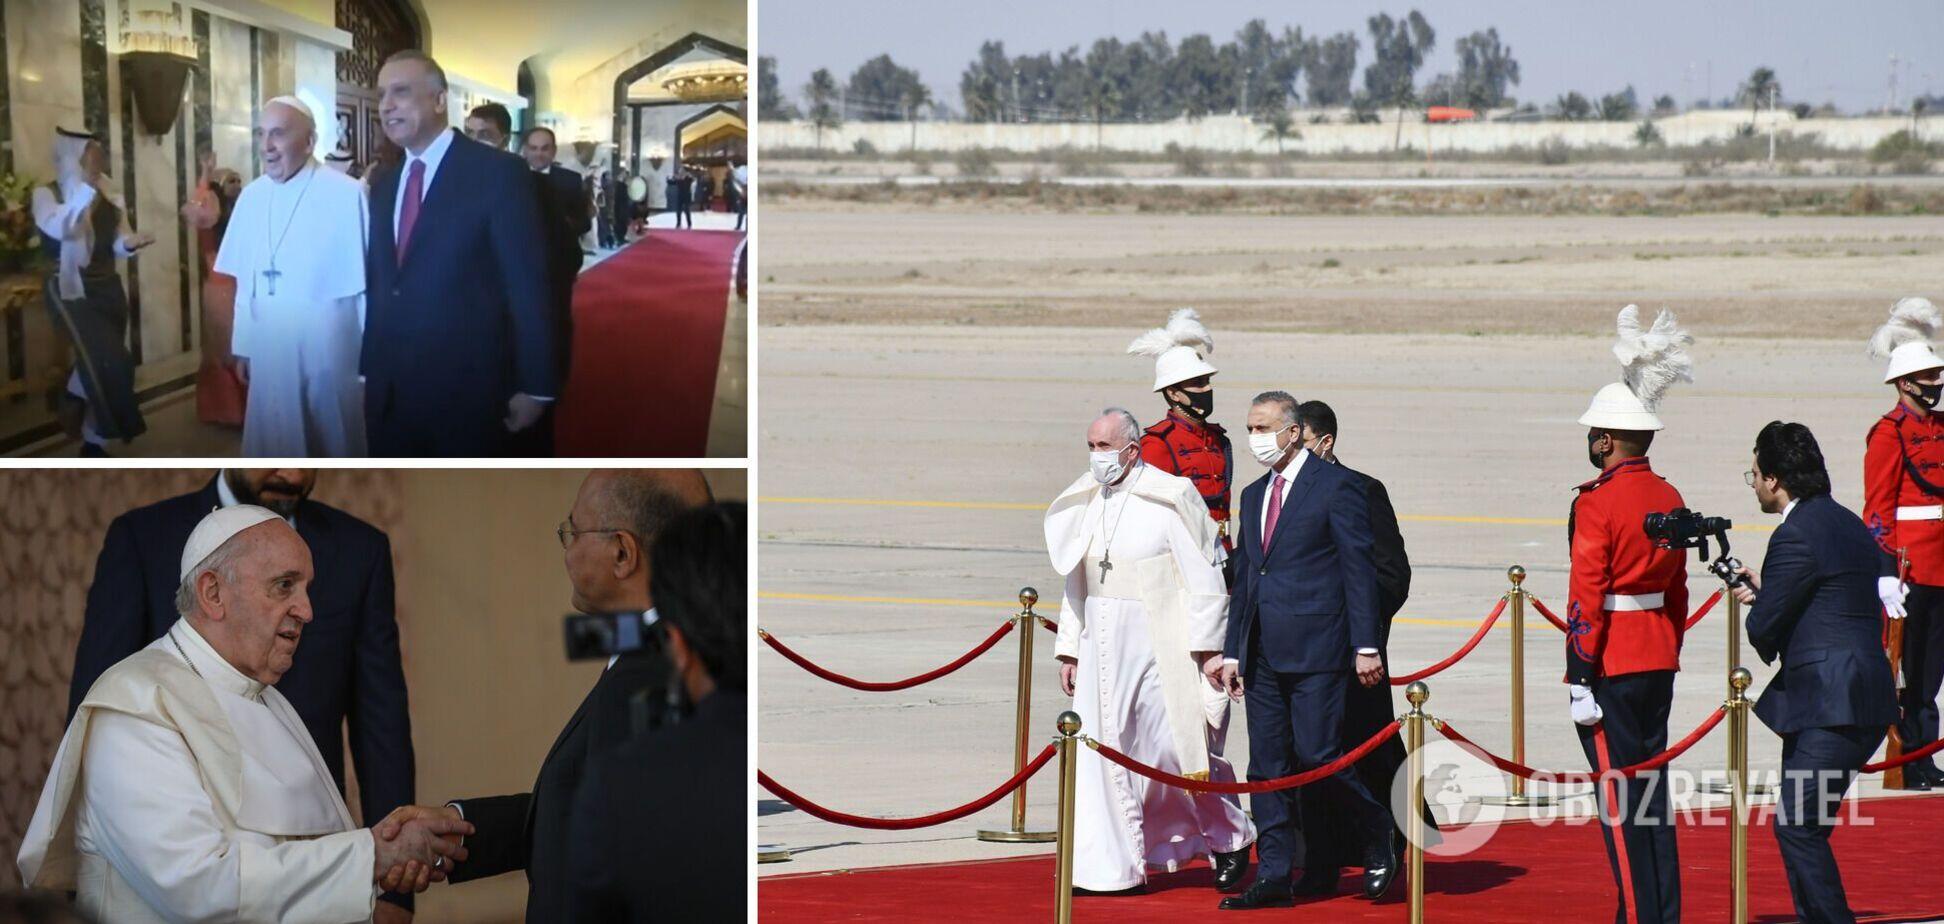 Папа Франциск уперше прибув в Ірак: його зустріли танцем. Фото і відео історичного візиту